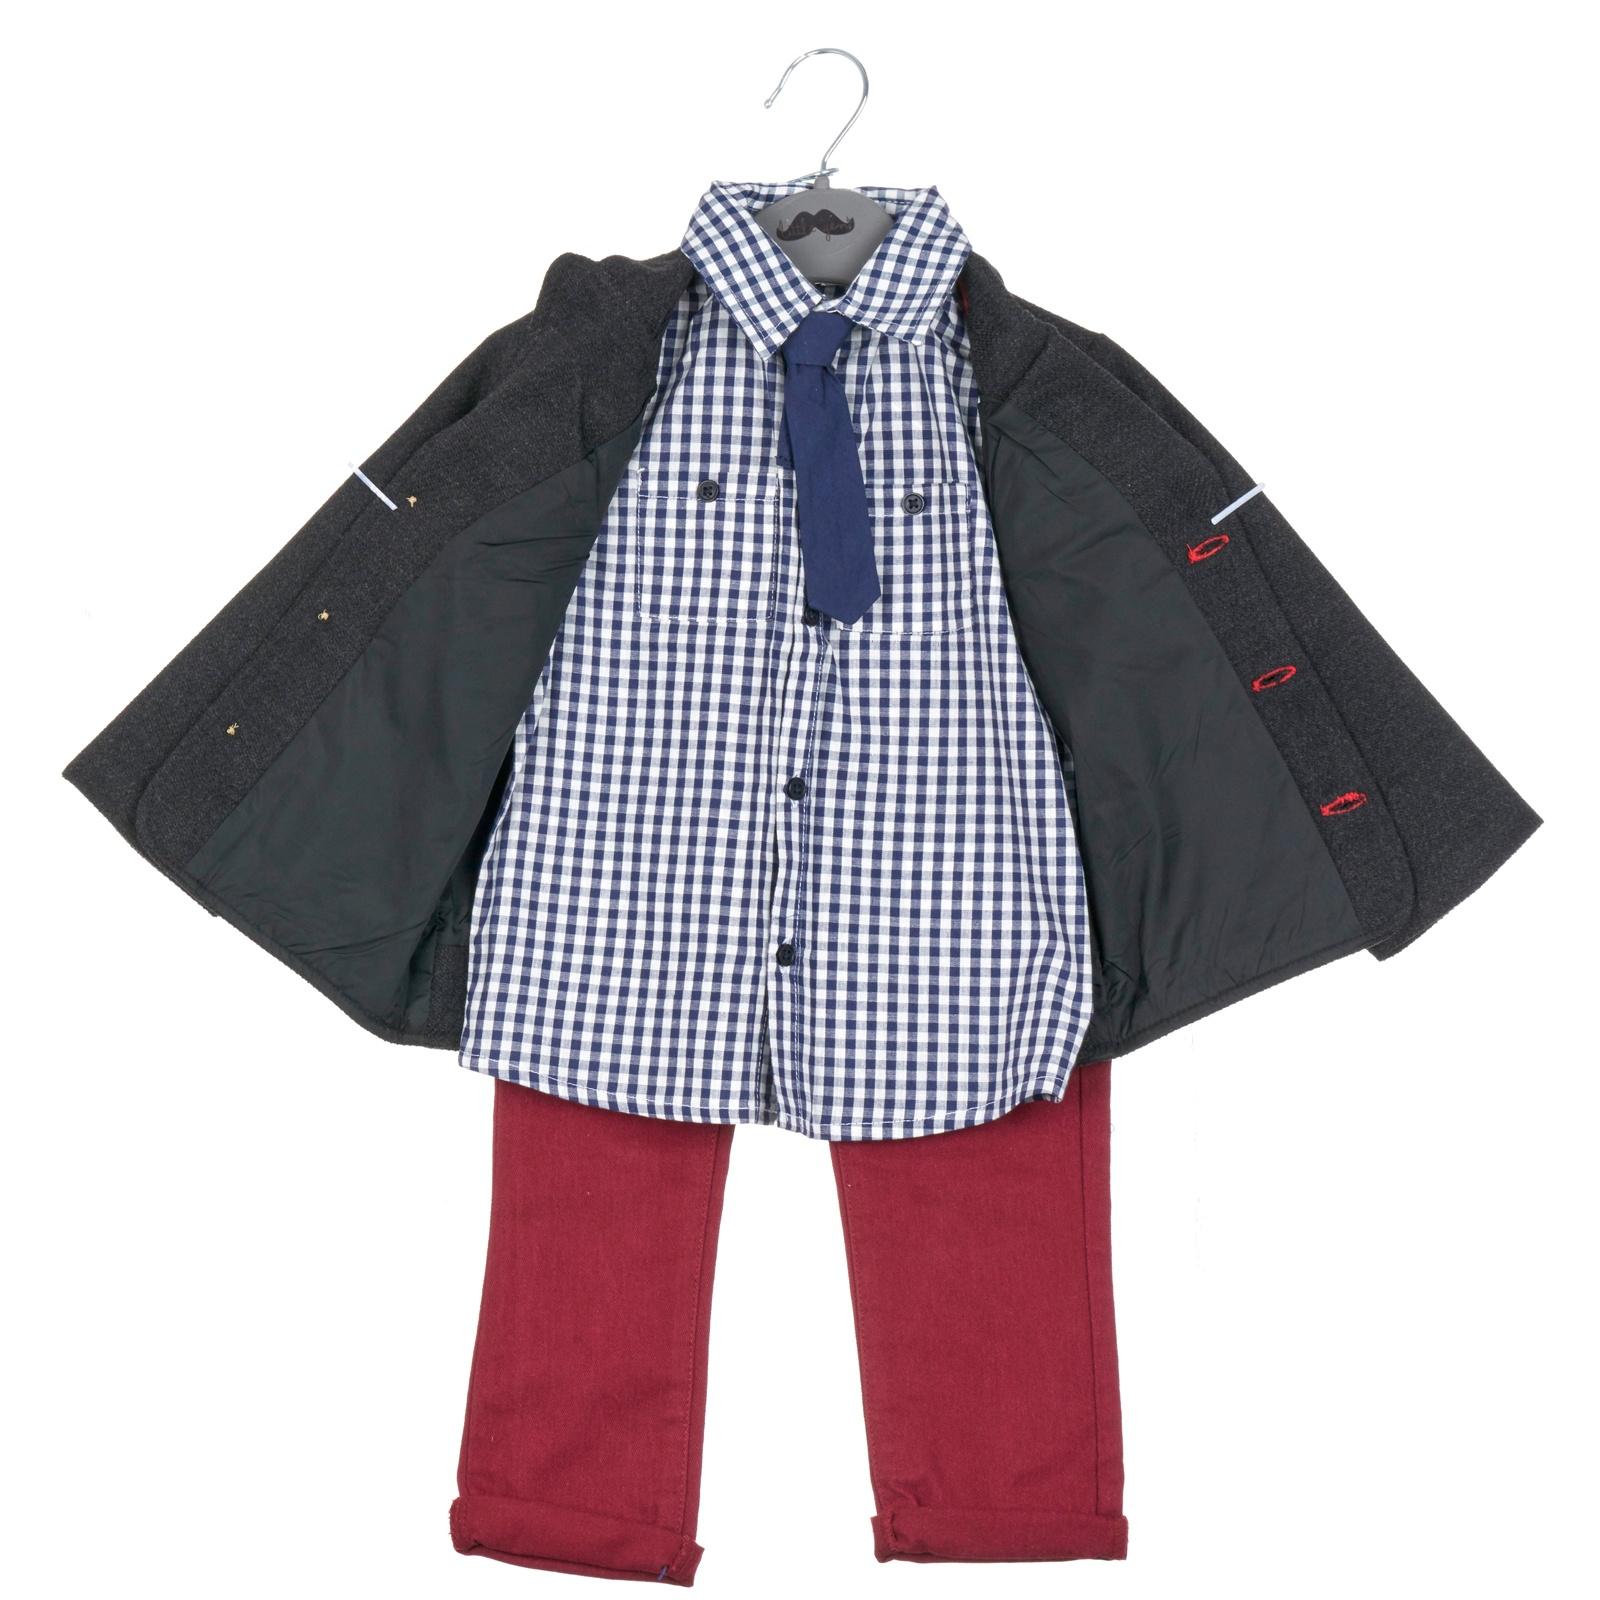 e24583e3f Boys Tweed Blazer Outfit 6-24mth – 4 Direct Uniforms